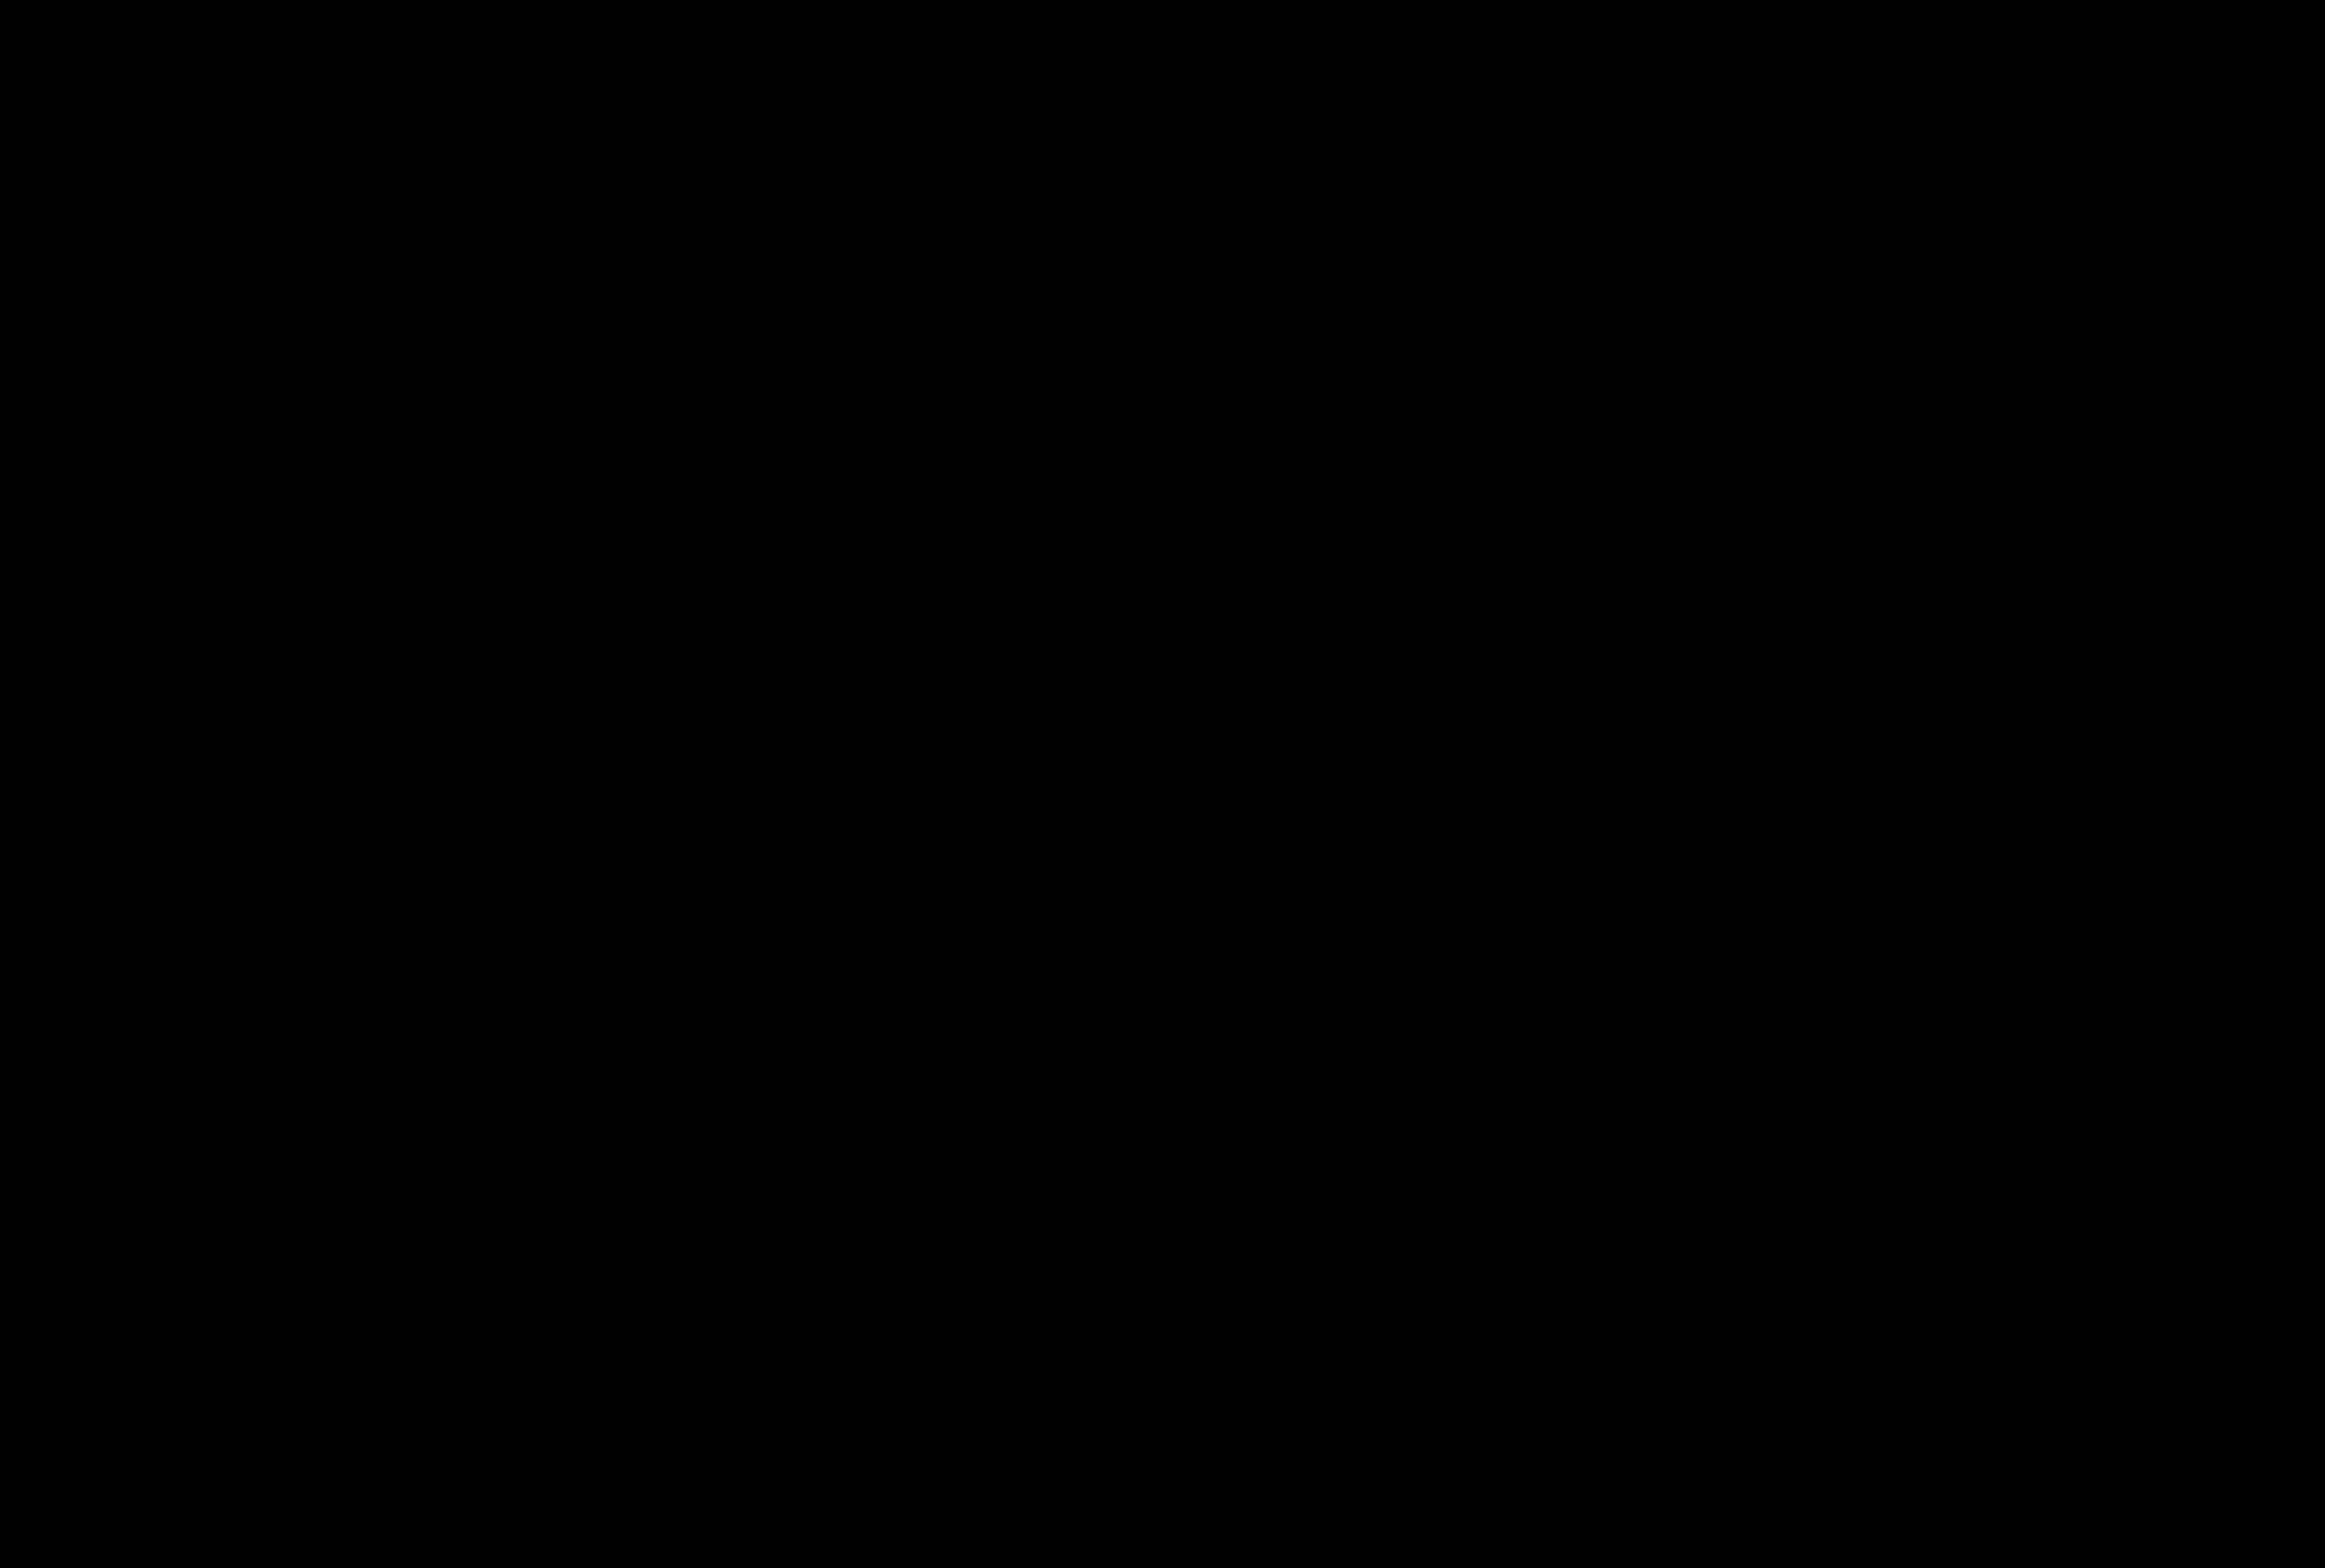 Garner State Park - Master Plan - SP.42.2a